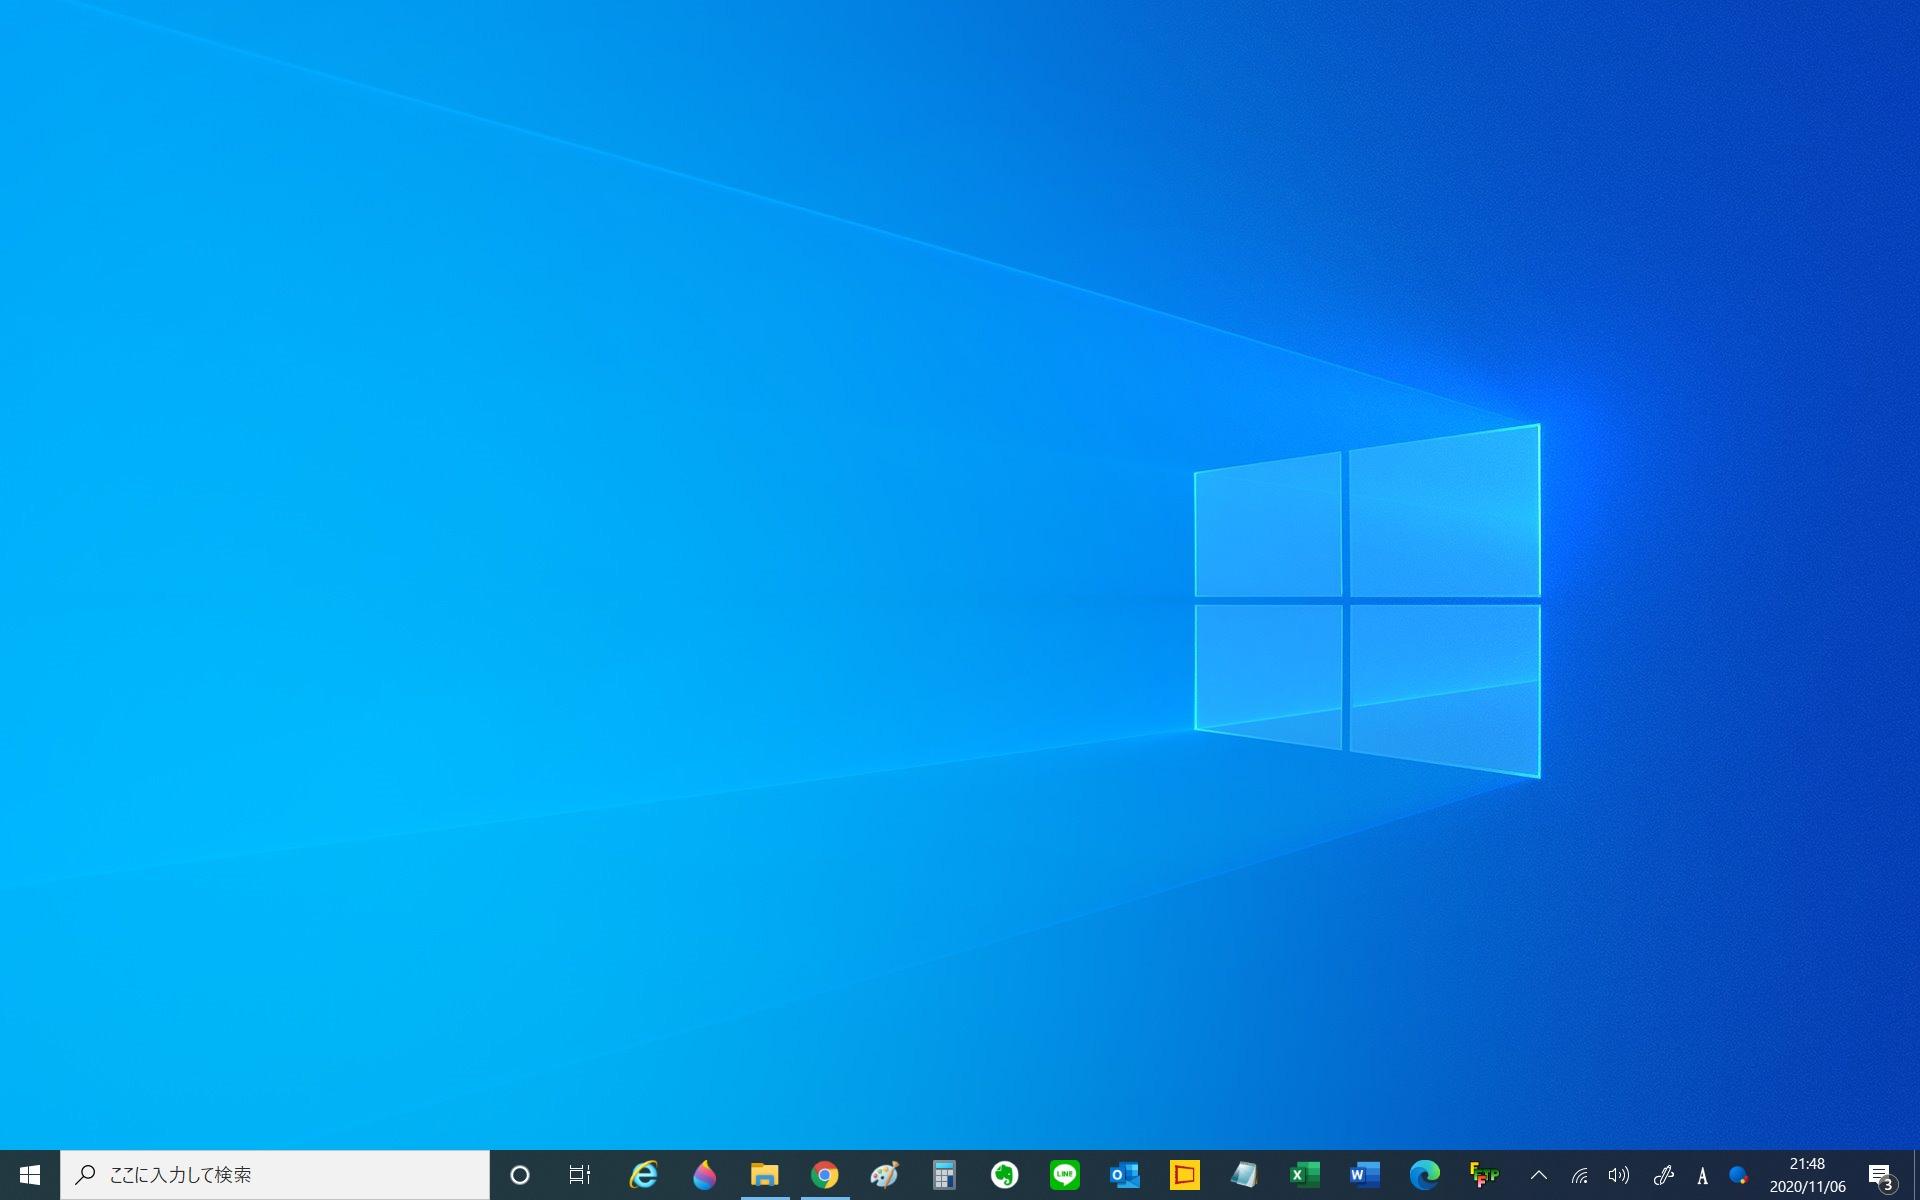 【プレゼン時に便利】一時的にデスクトップアイコンを非表示に切り替える方法【Windows10】